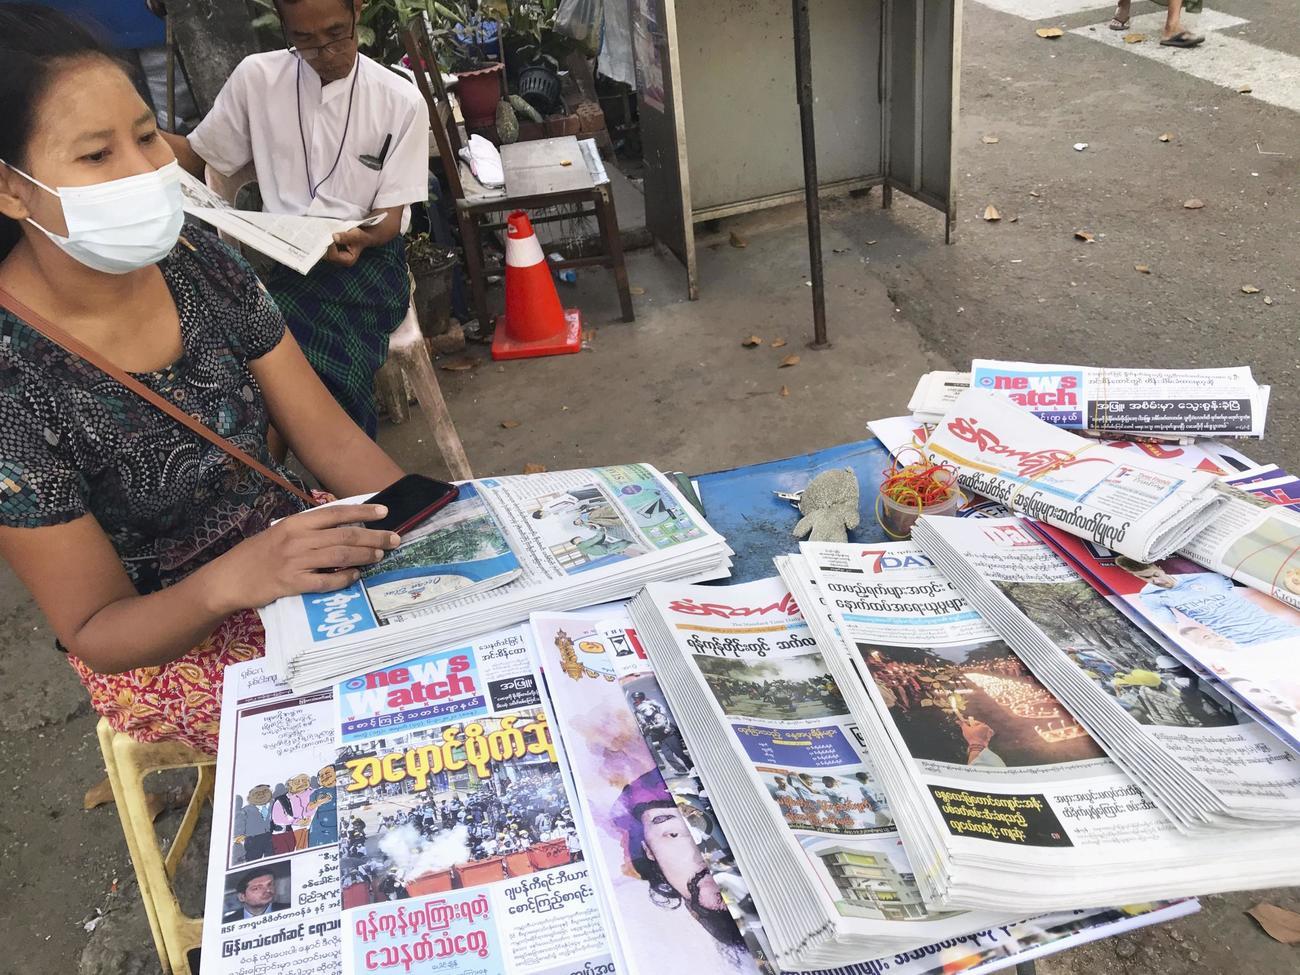 7日、ミャンマー・ヤンゴンの路上で売られる新聞。このうち日刊紙「セブンデー」は免許を取り消された(共同)